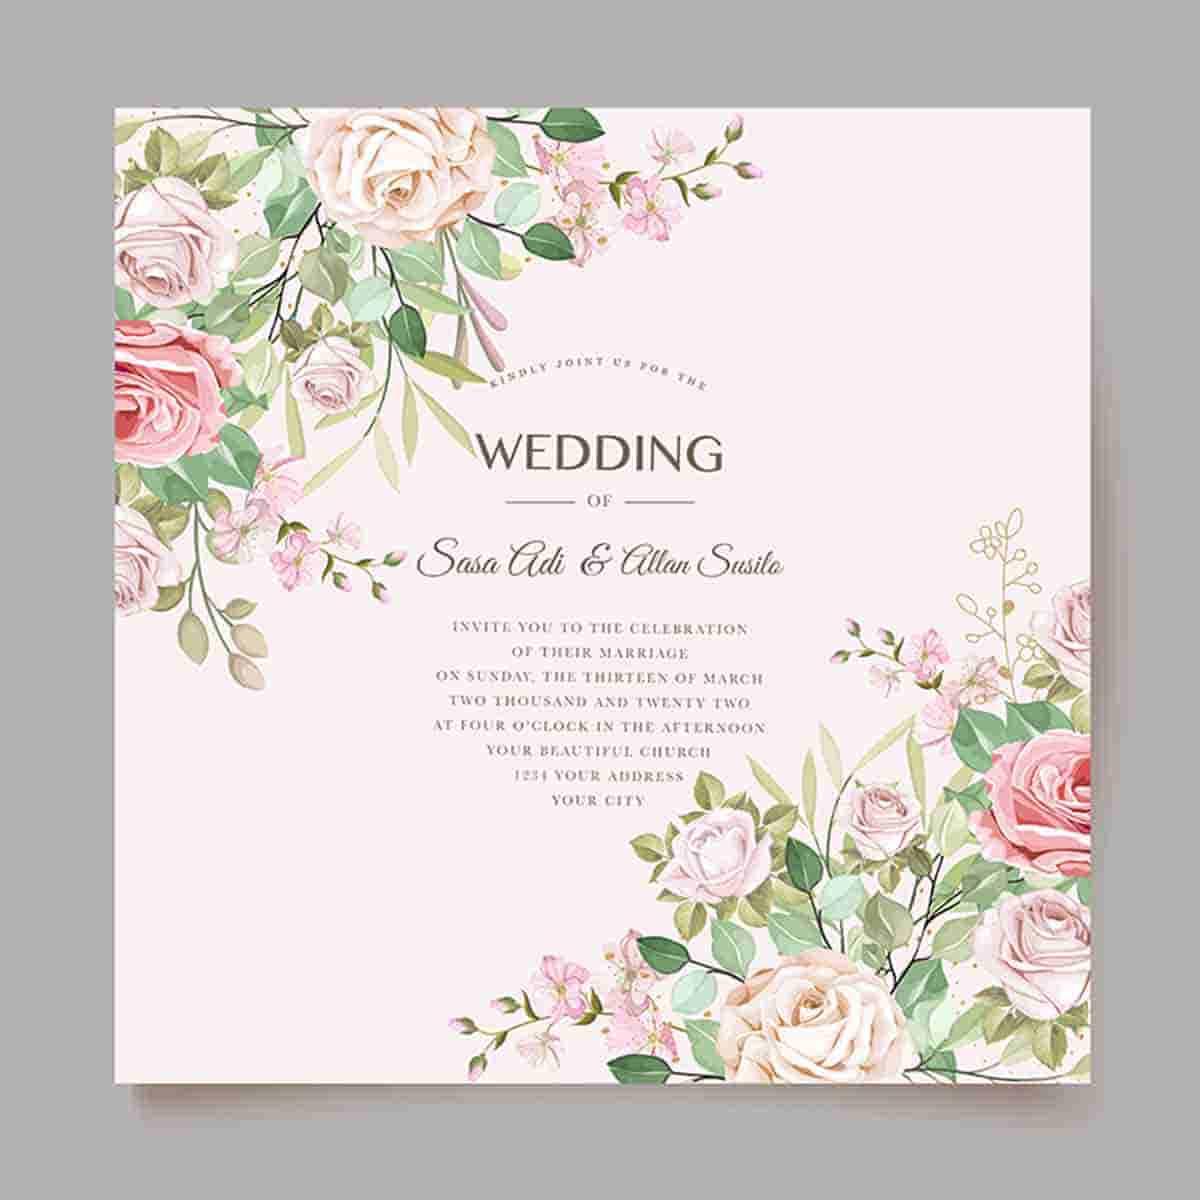 invitaciones de boda con-flores